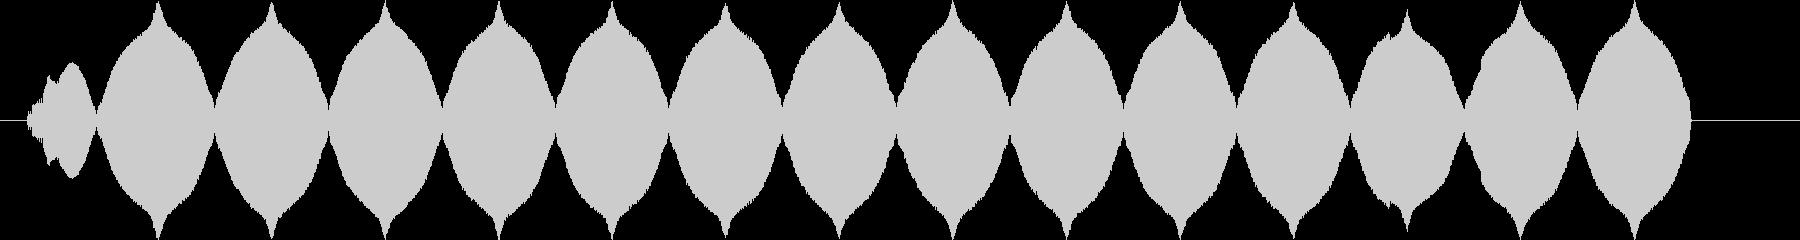 低周波変調2;低中周波数ランブル;...の未再生の波形